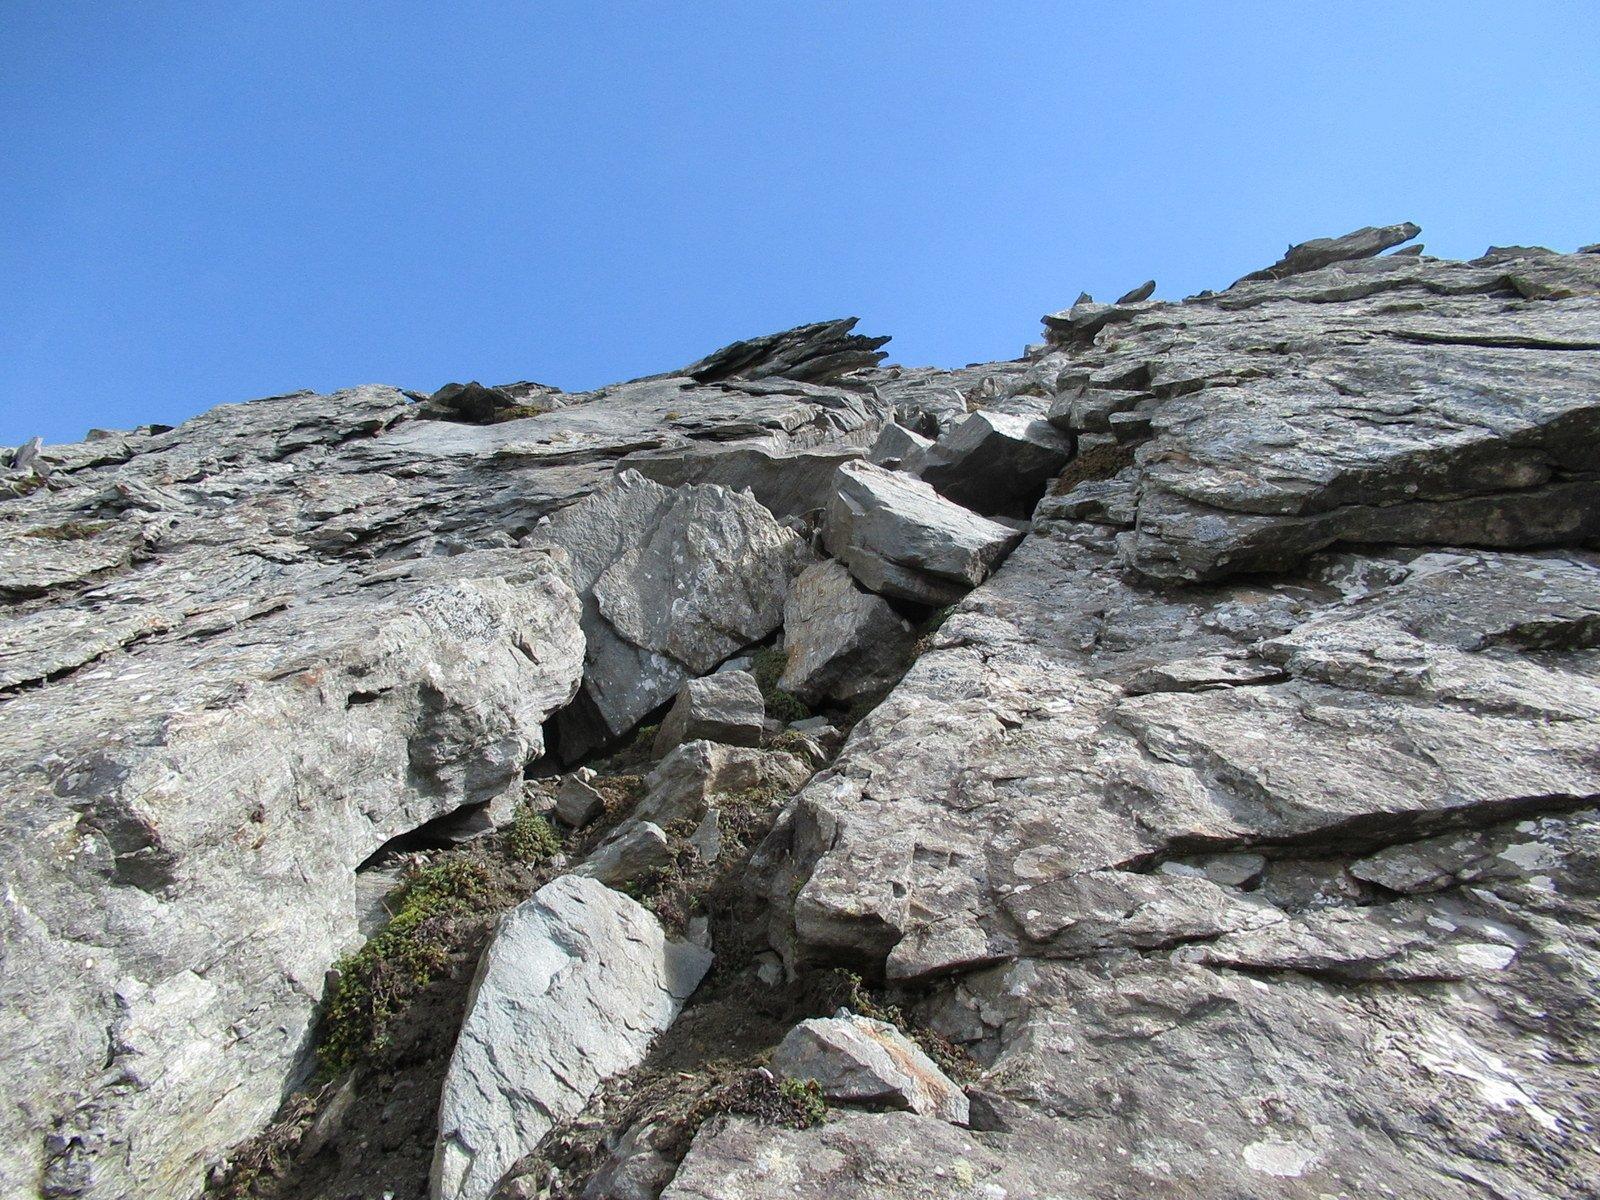 Altro possibile passaggio su gradini erboso-rocciosi per evitare la placca